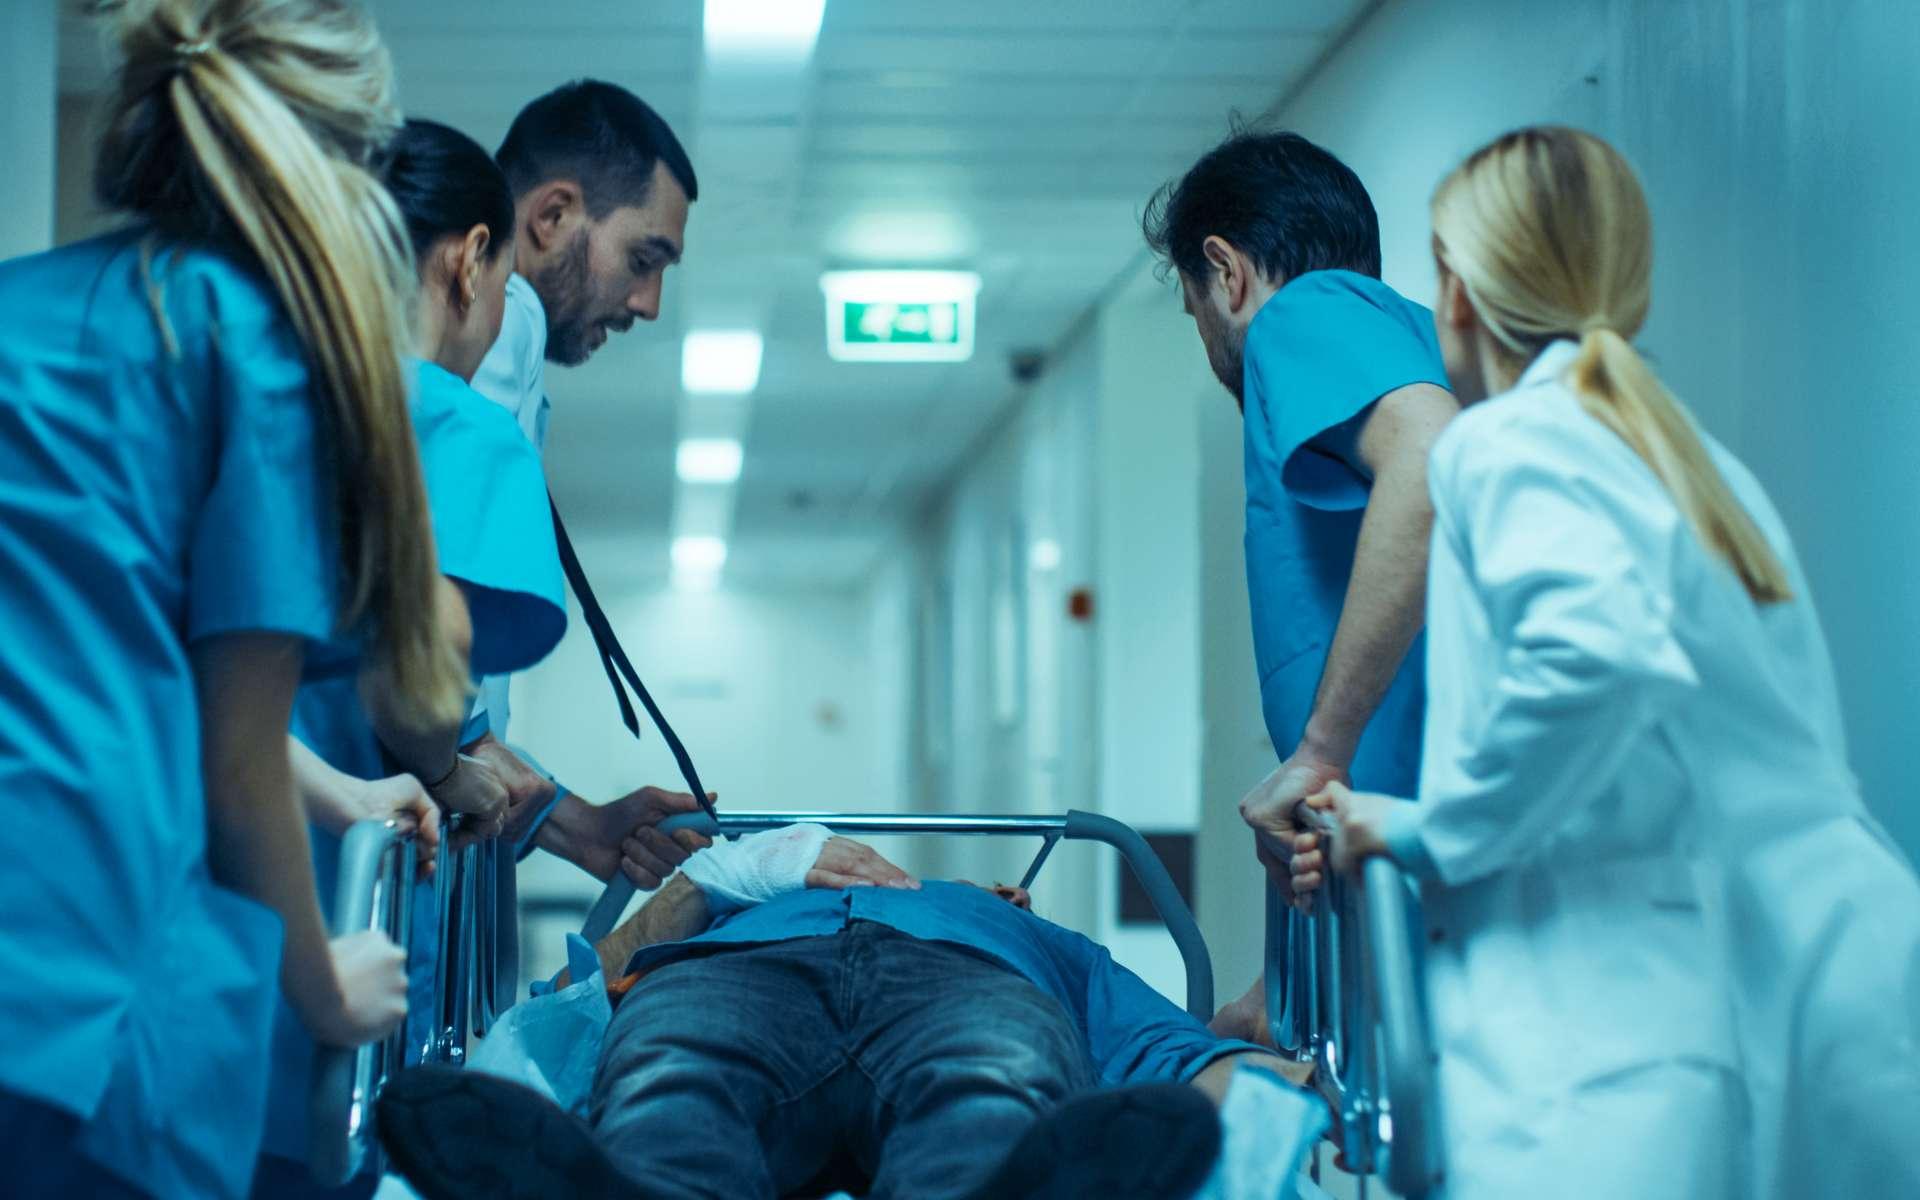 Pandémie : la rigueur sauve des vies, voici pourquoi. © Gorodenkoff, Adobe Stock